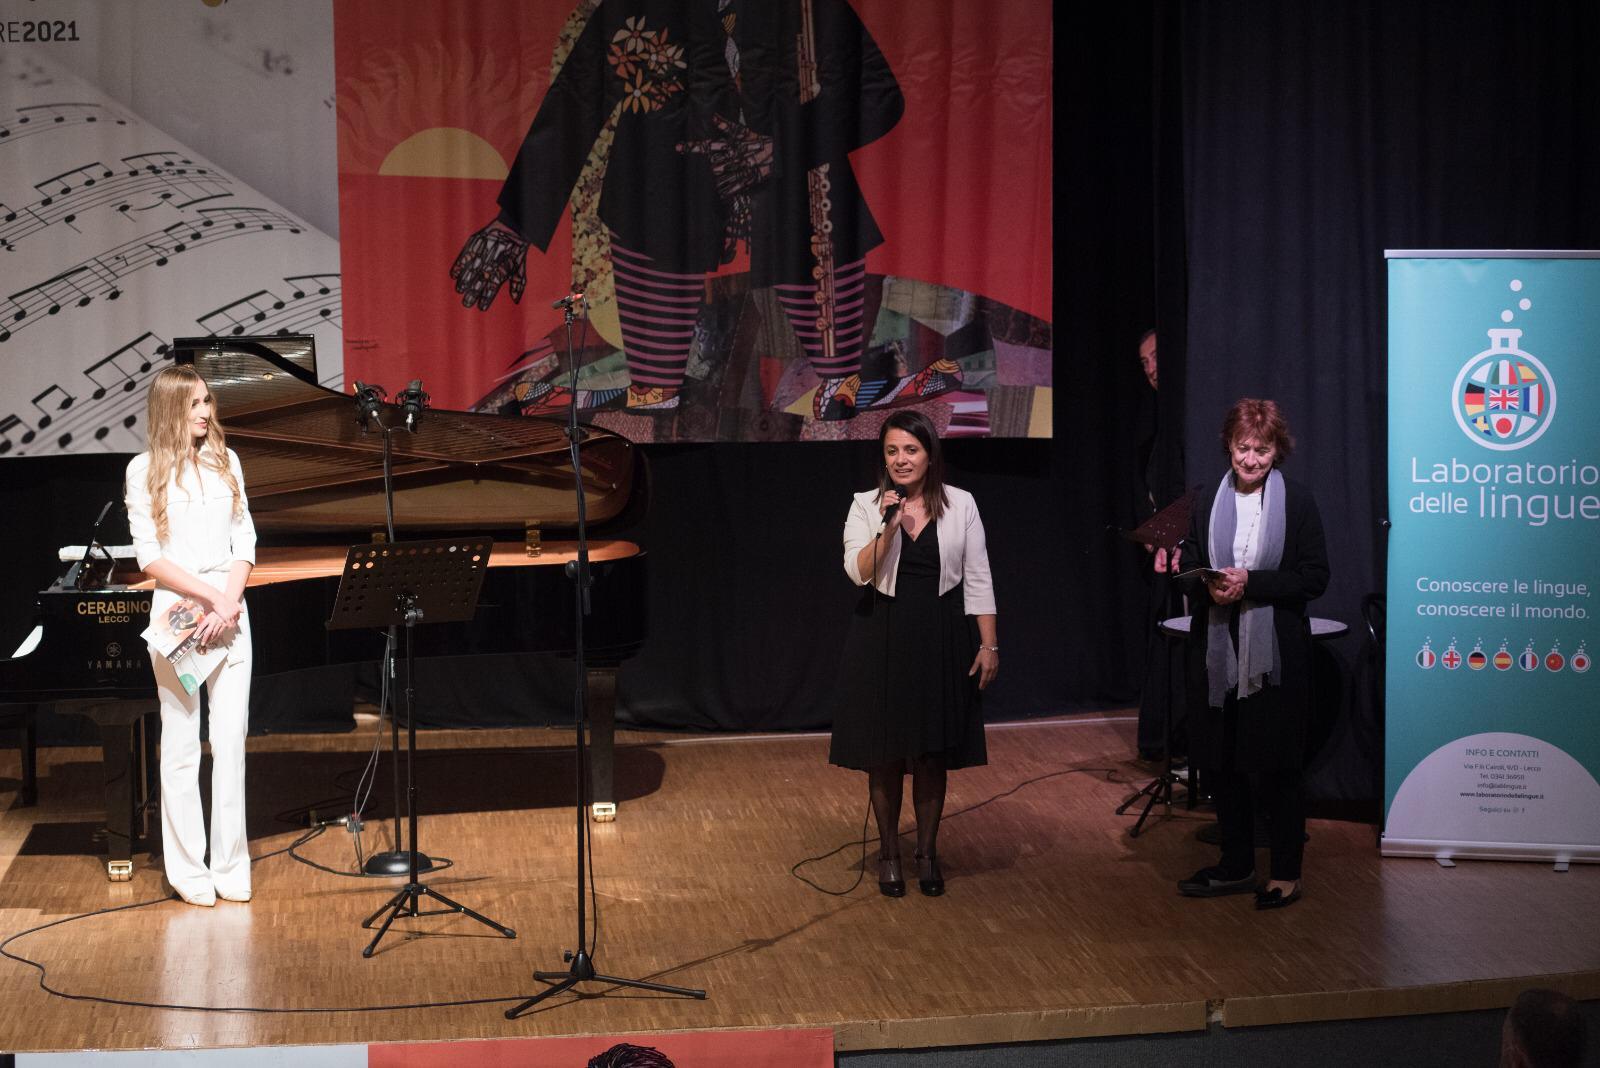 Manuela Milani delal scuola di Musica san Lorenzo e Doriana Pachera assessore alla cultura del comune di Mandello del Lario